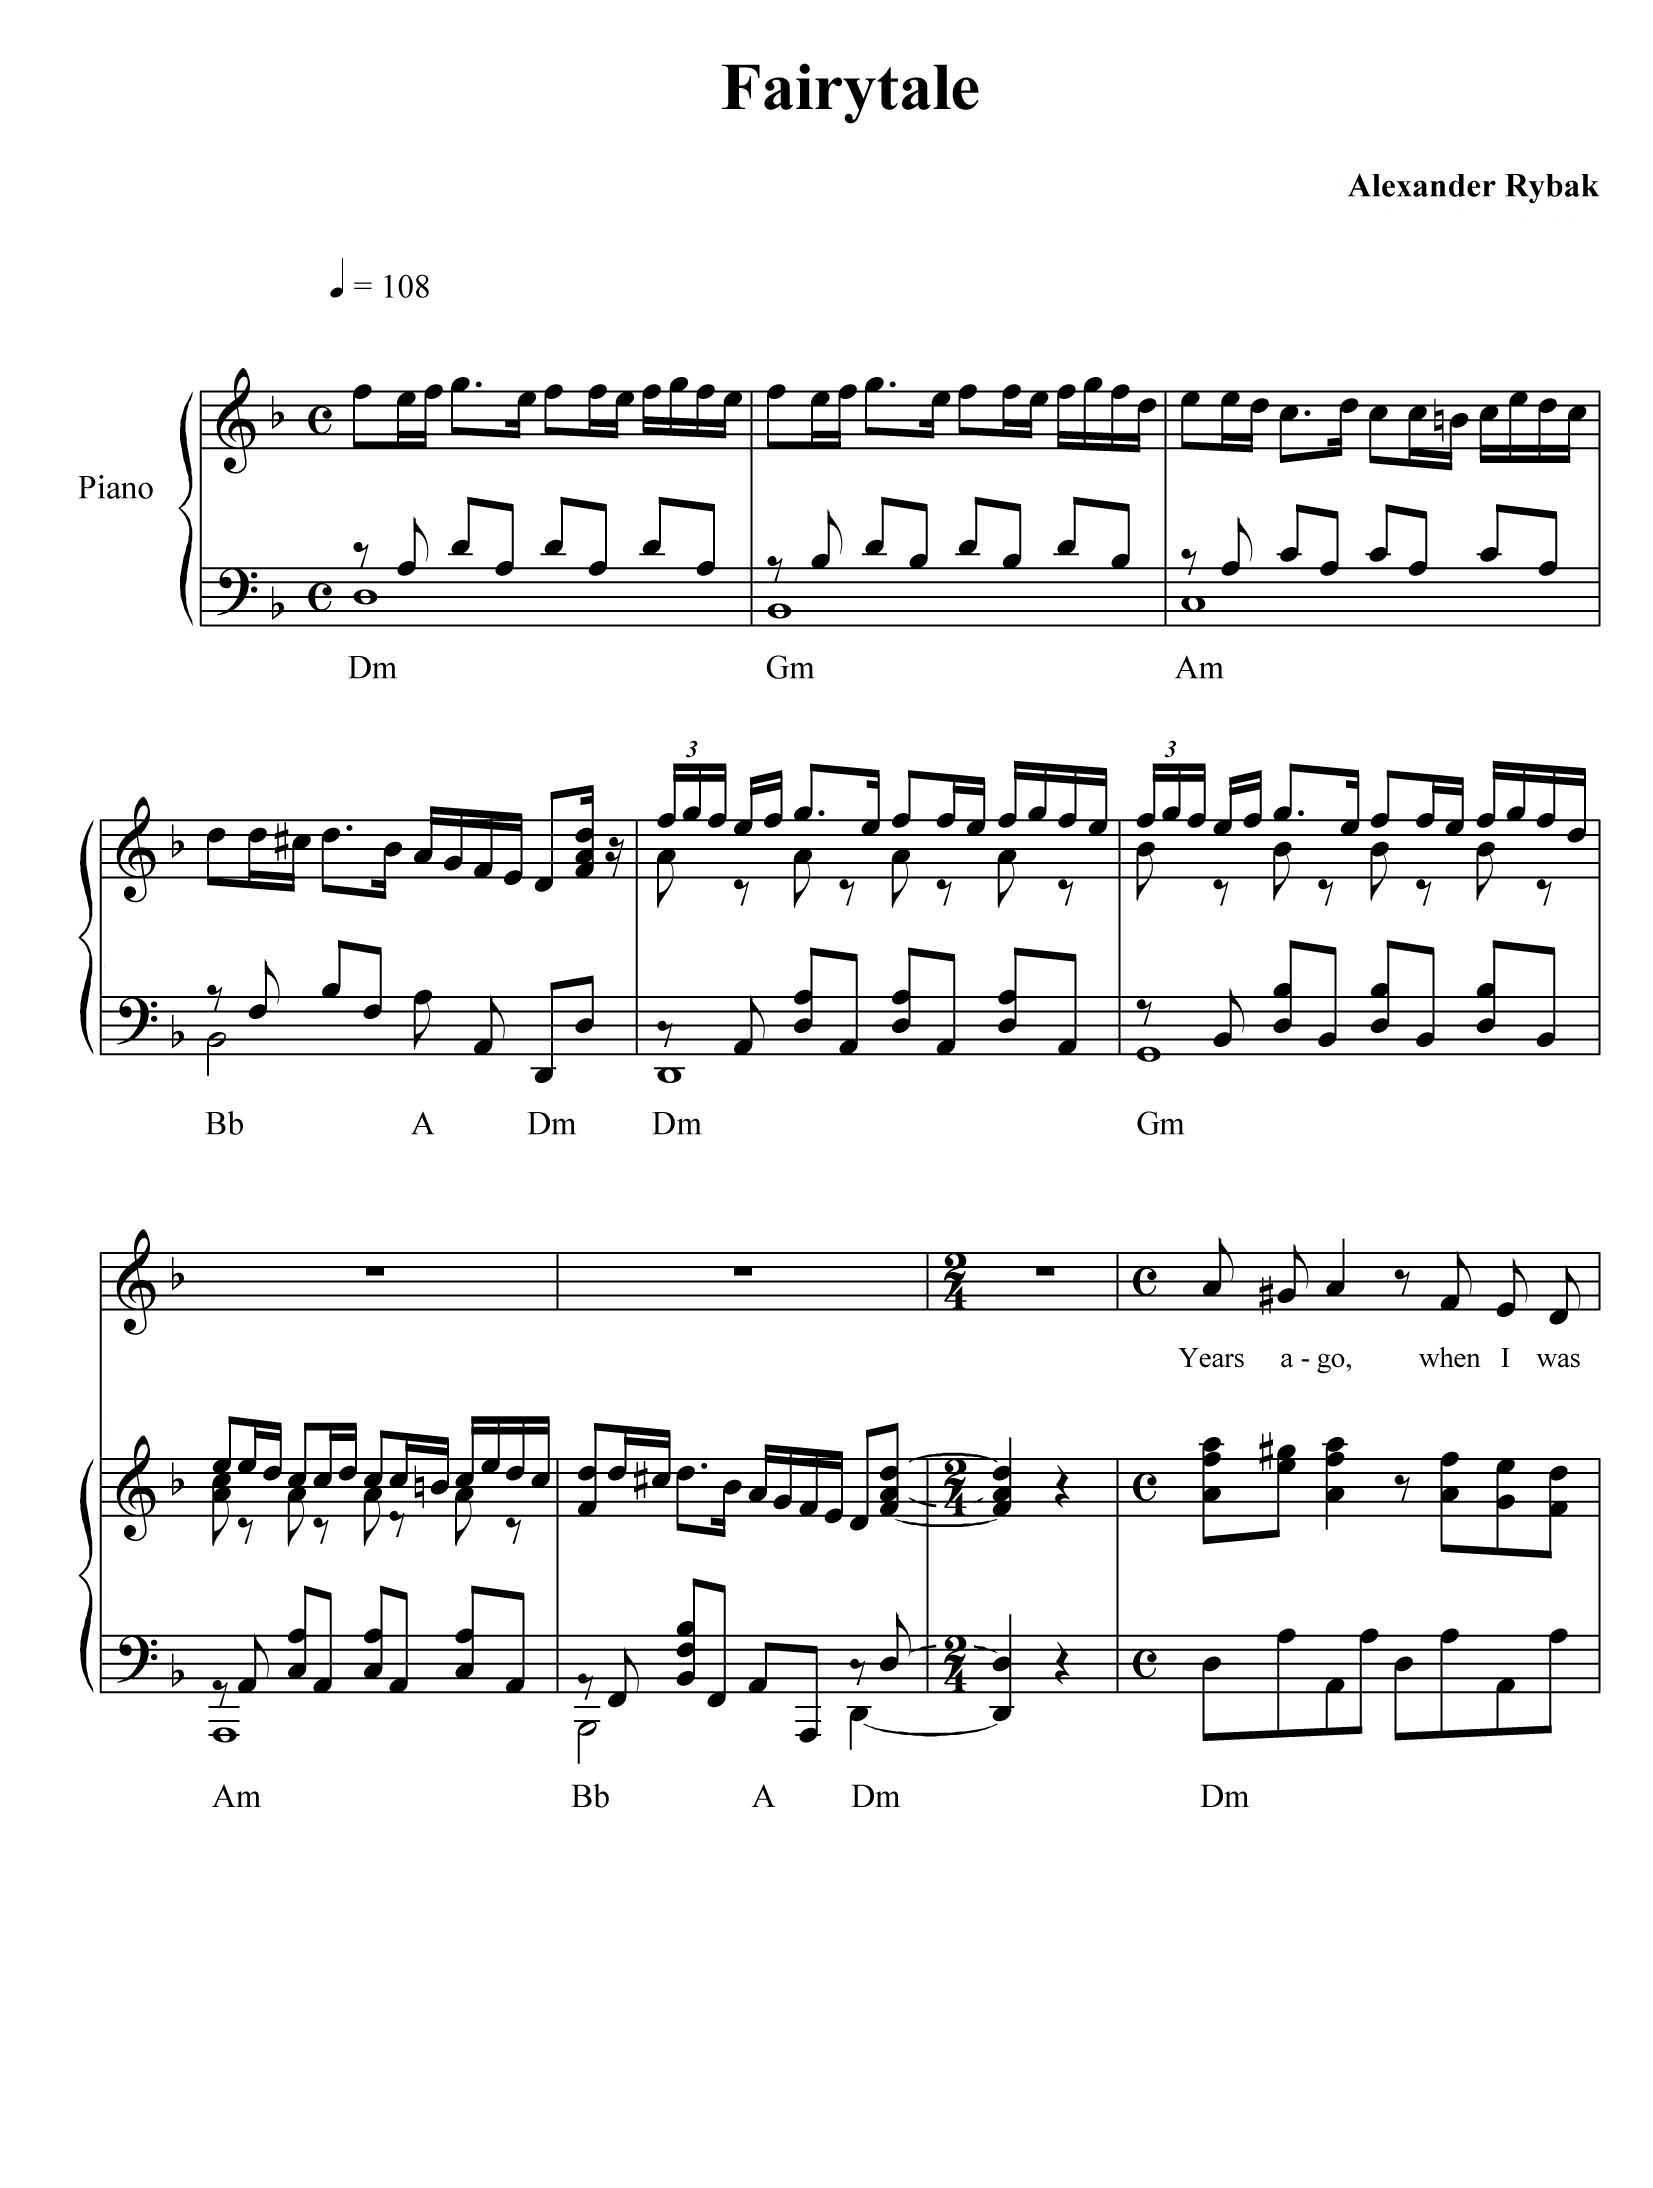 ноты fairytale а рыбака для скрипки